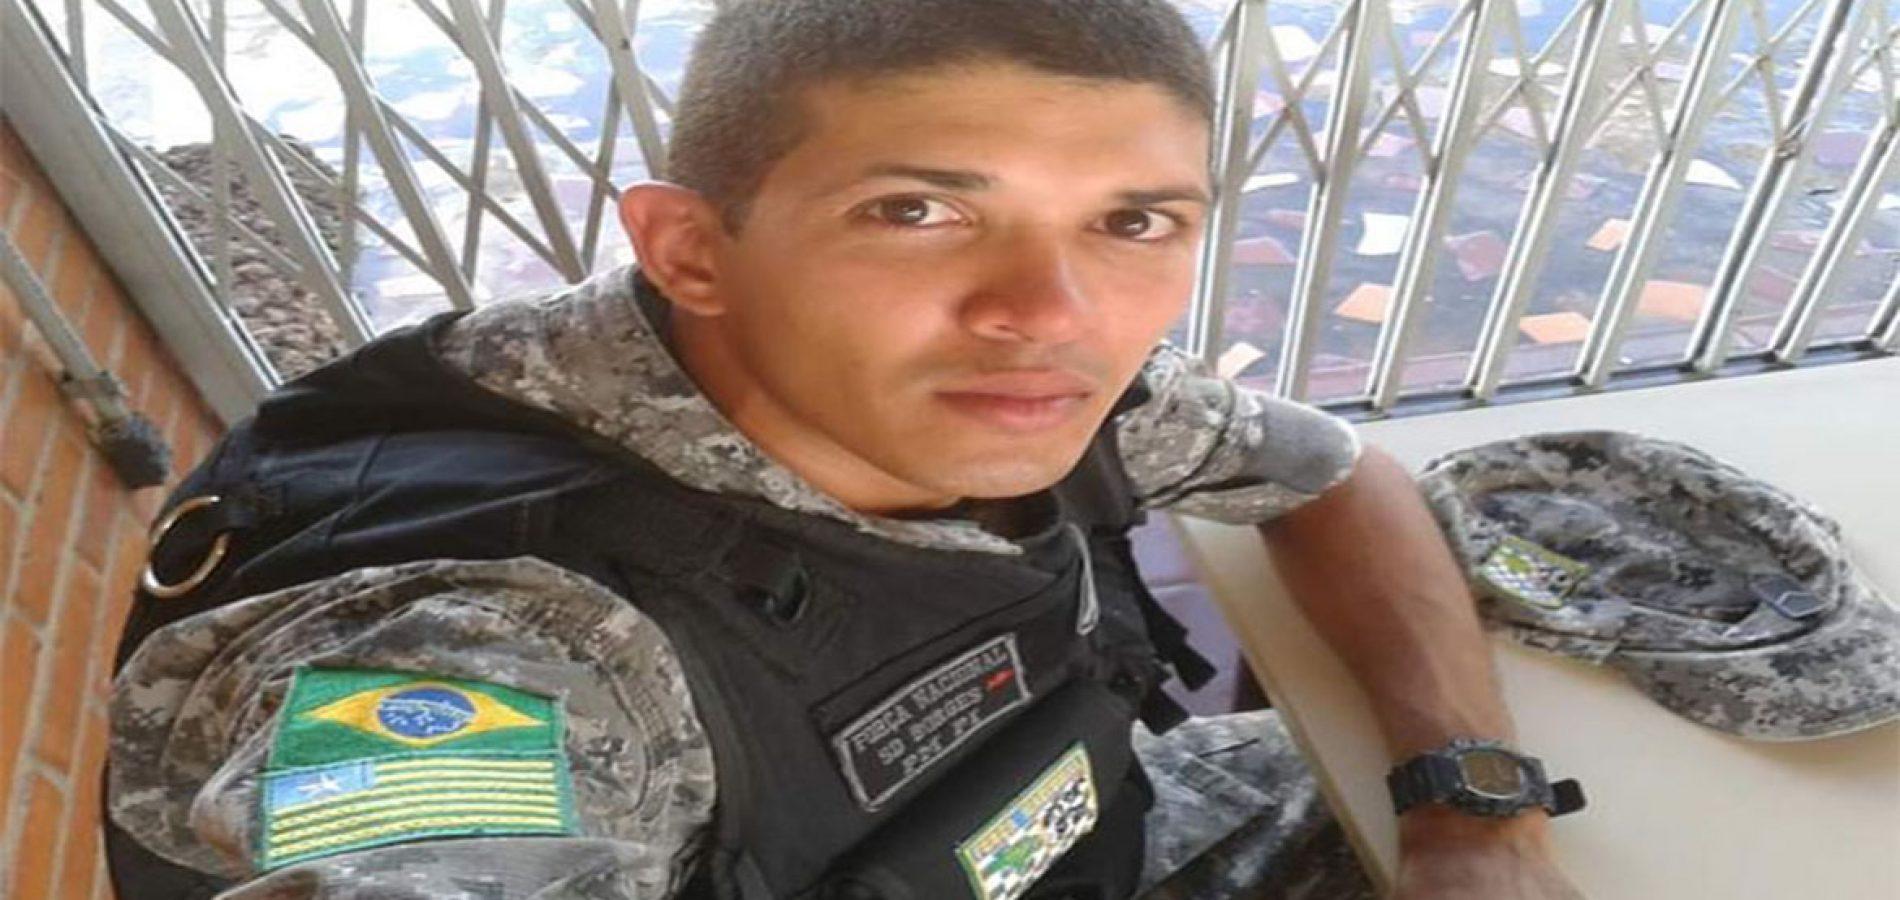 Cabo Samuel filma própria morte e família divulga vídeo pedindo justiça